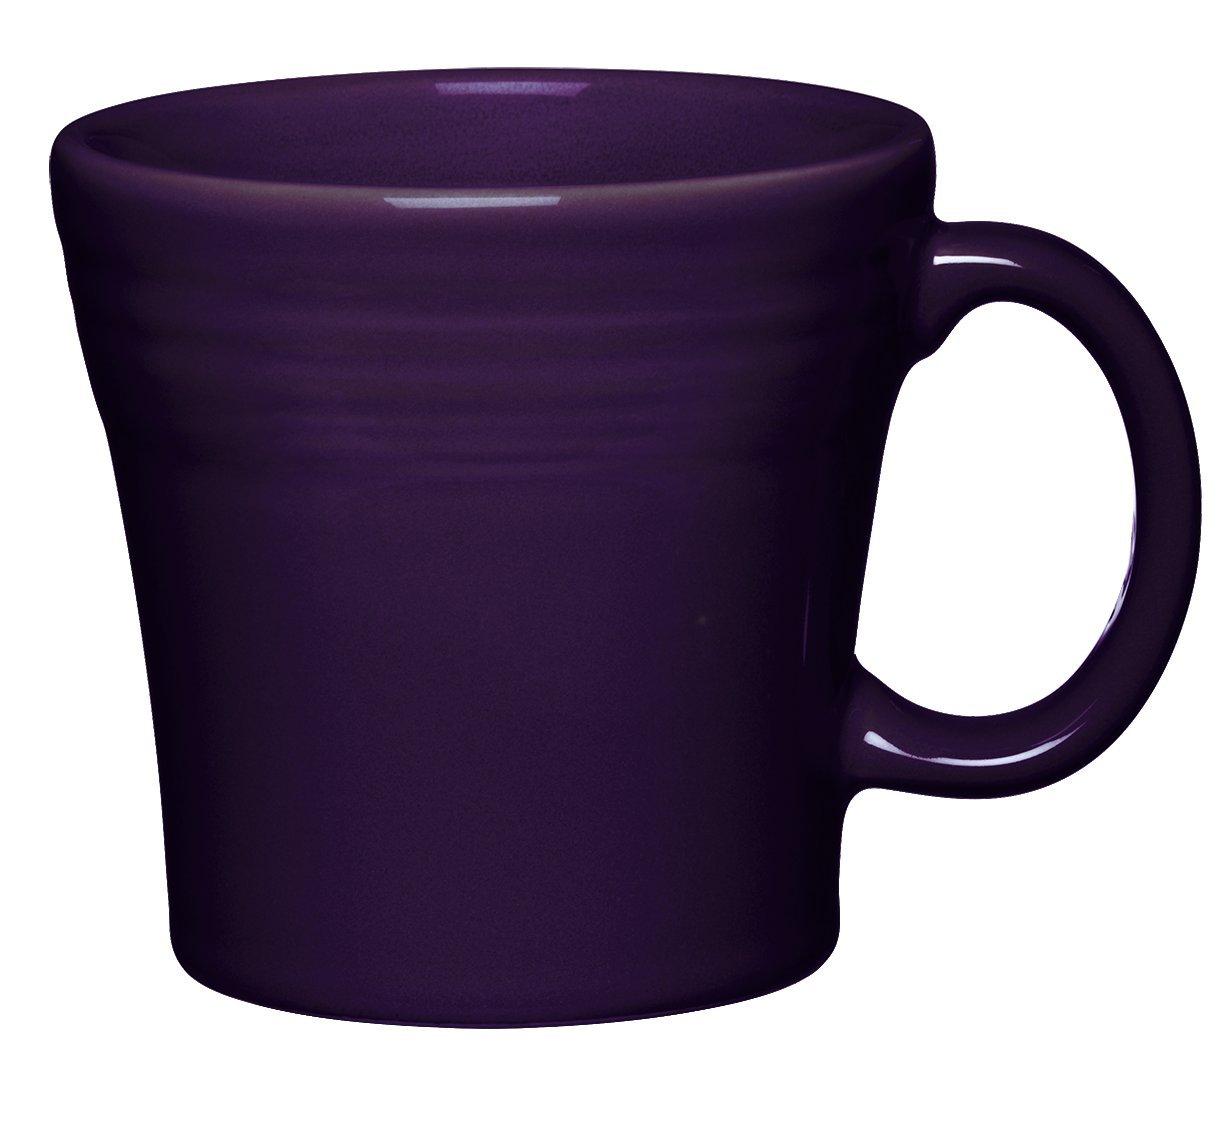 Fiesta Tapered Mug, 15 oz, Plum by Unknown B013ZOSY5U